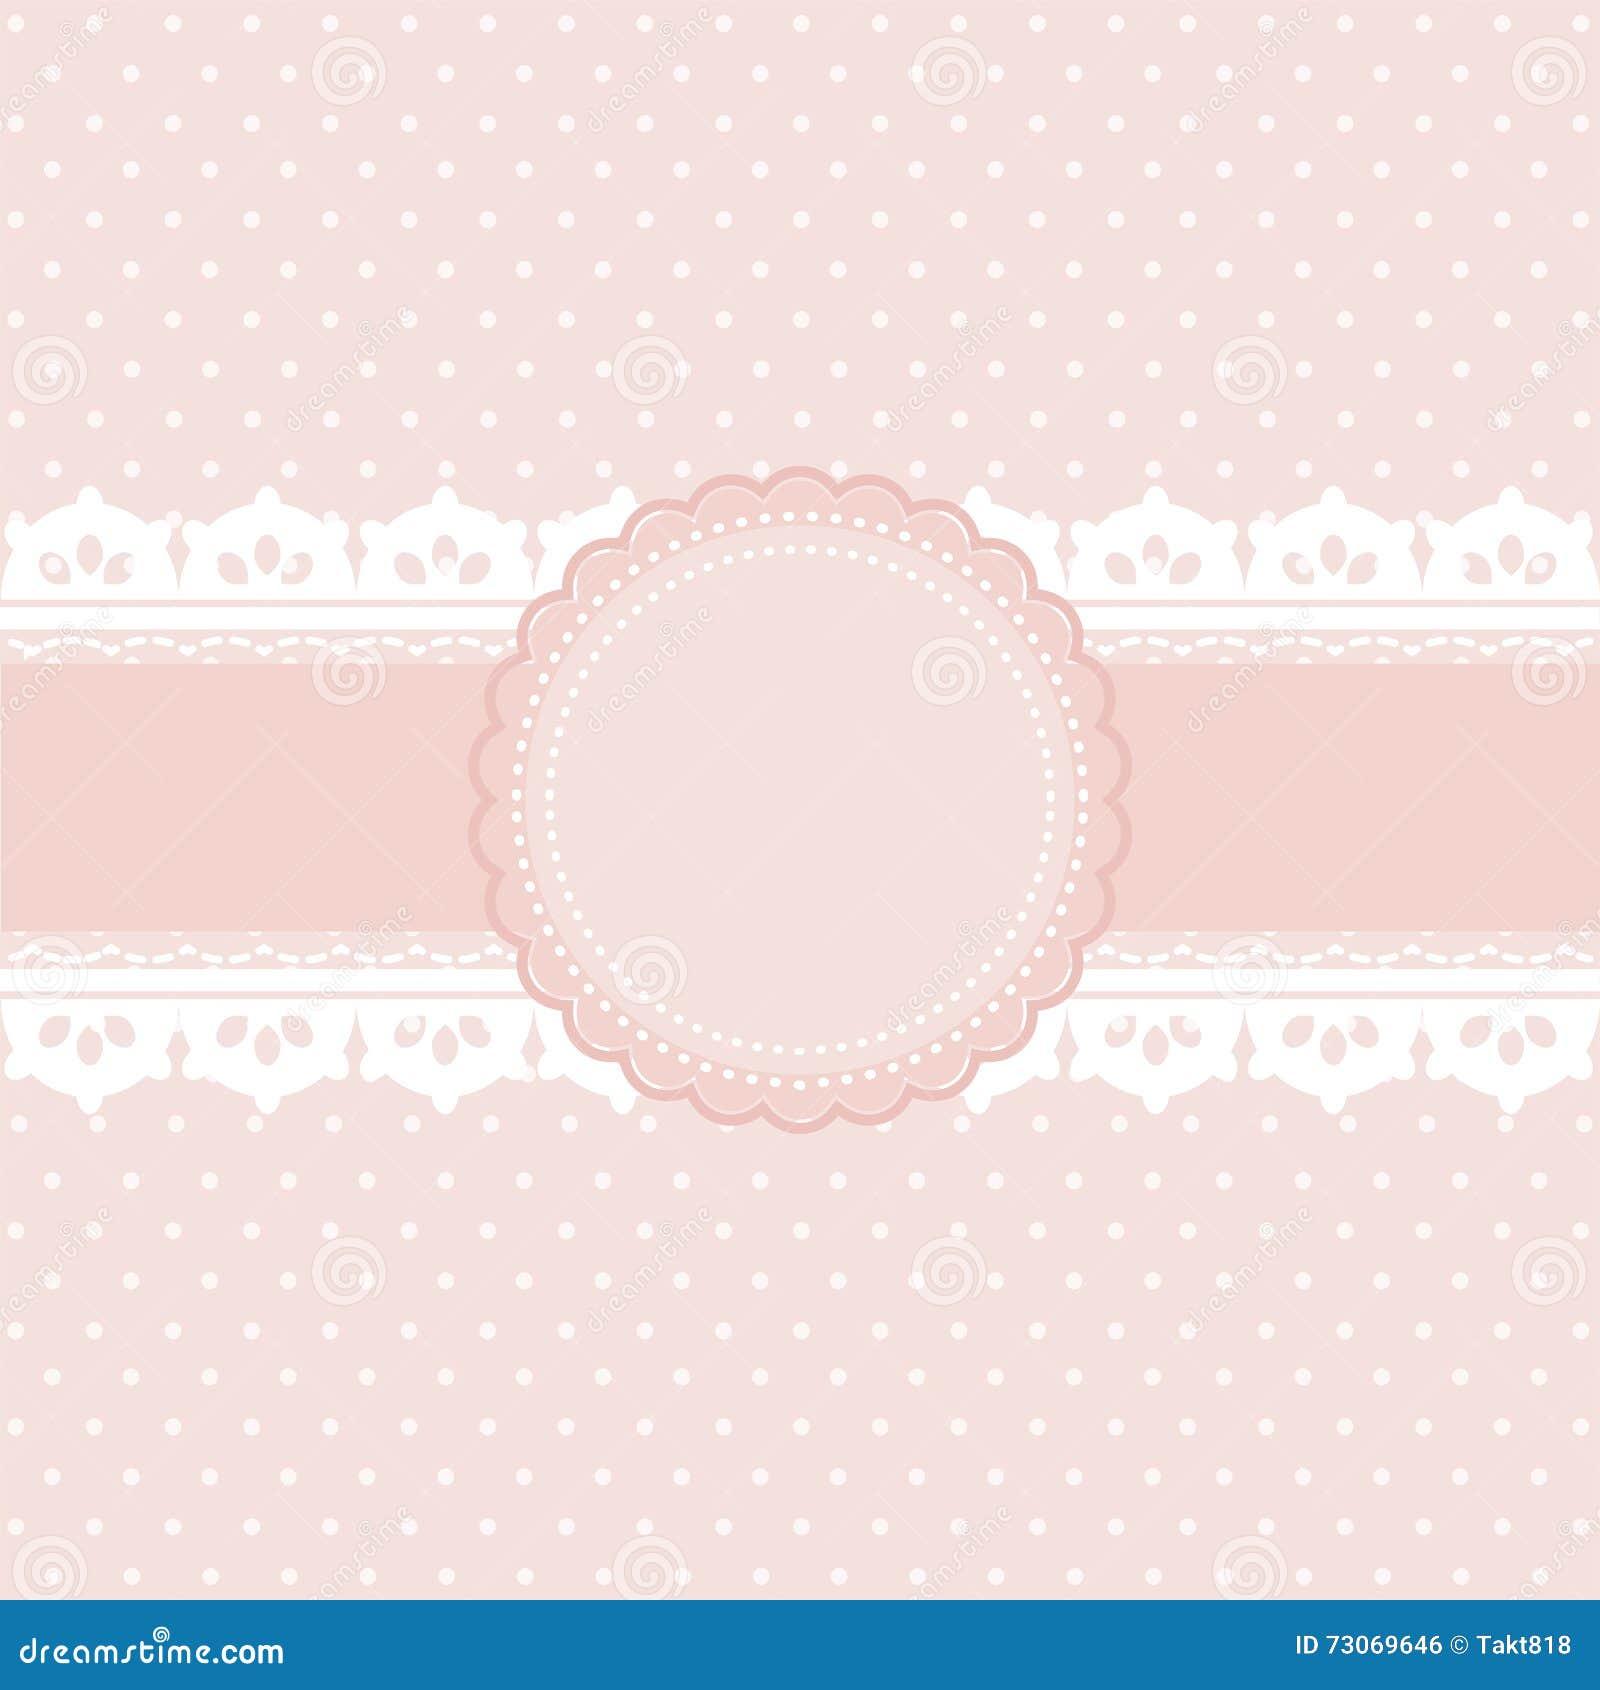 Stile Dannata Del Fondo Rosa E Bianco Del Pois Illustrazione